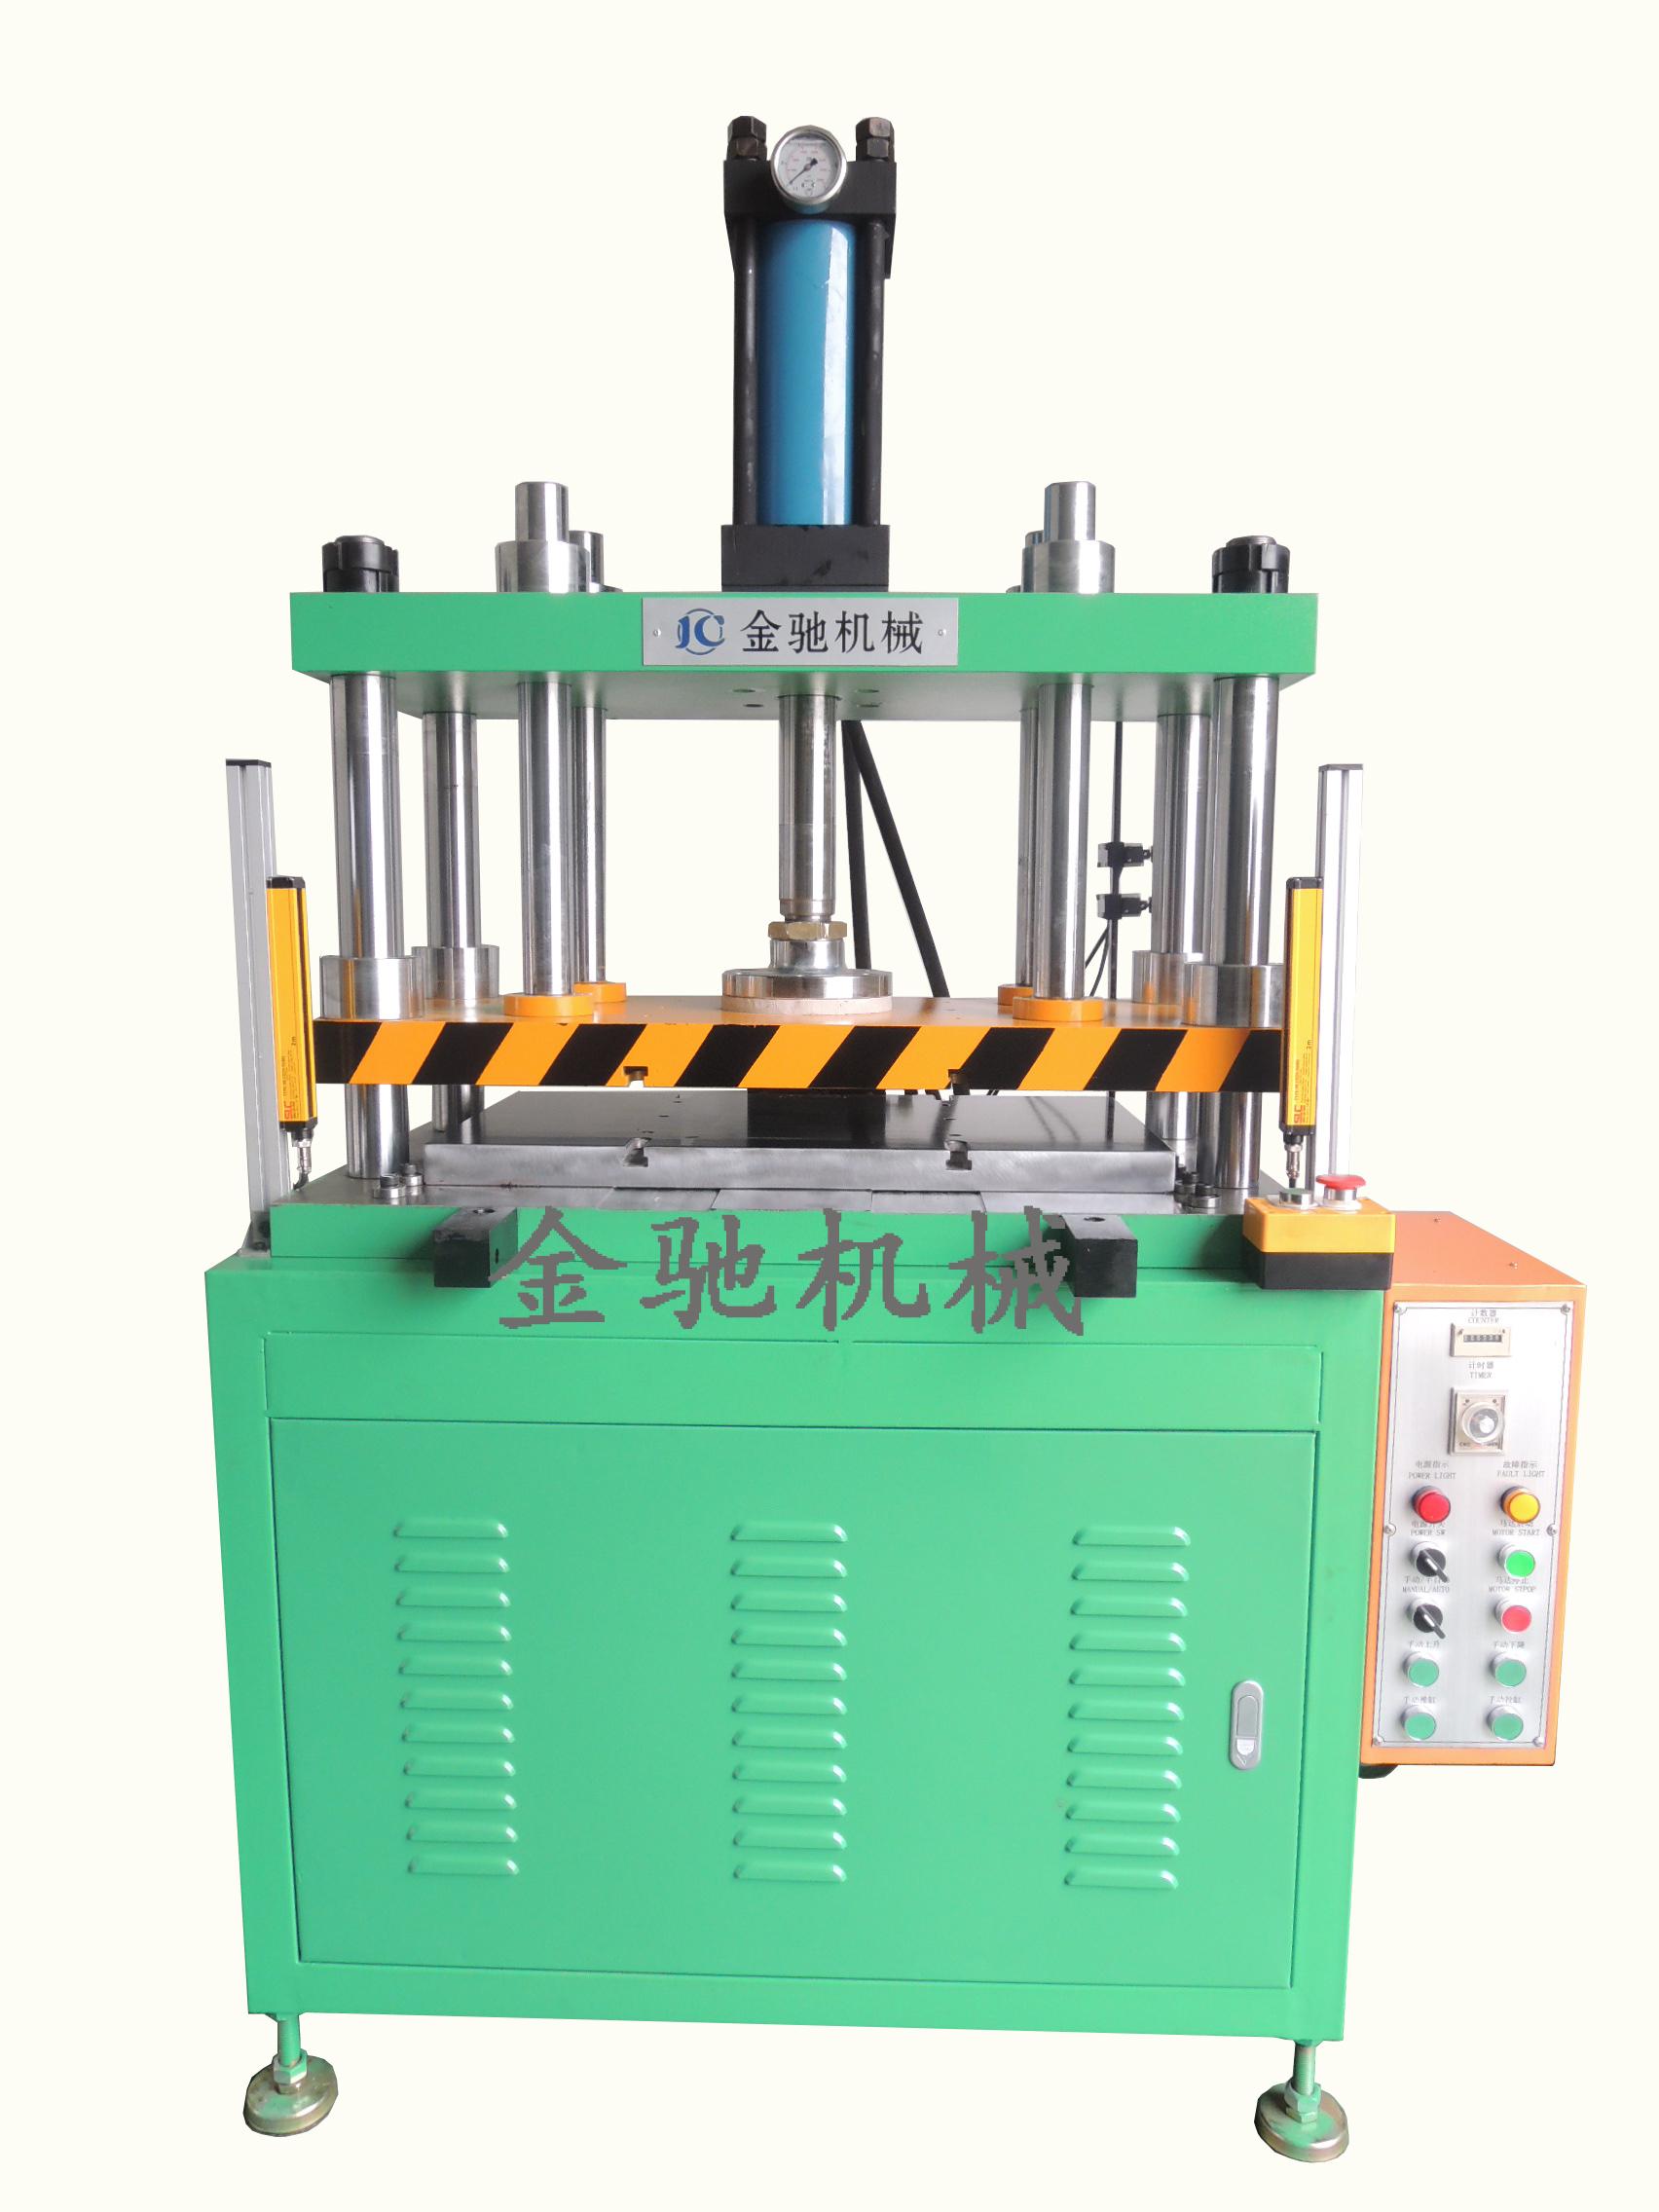 金驰定制滑台式四柱三板油压机,定制滑台式3-100吨四柱液压机,小型油压机,冲压压床